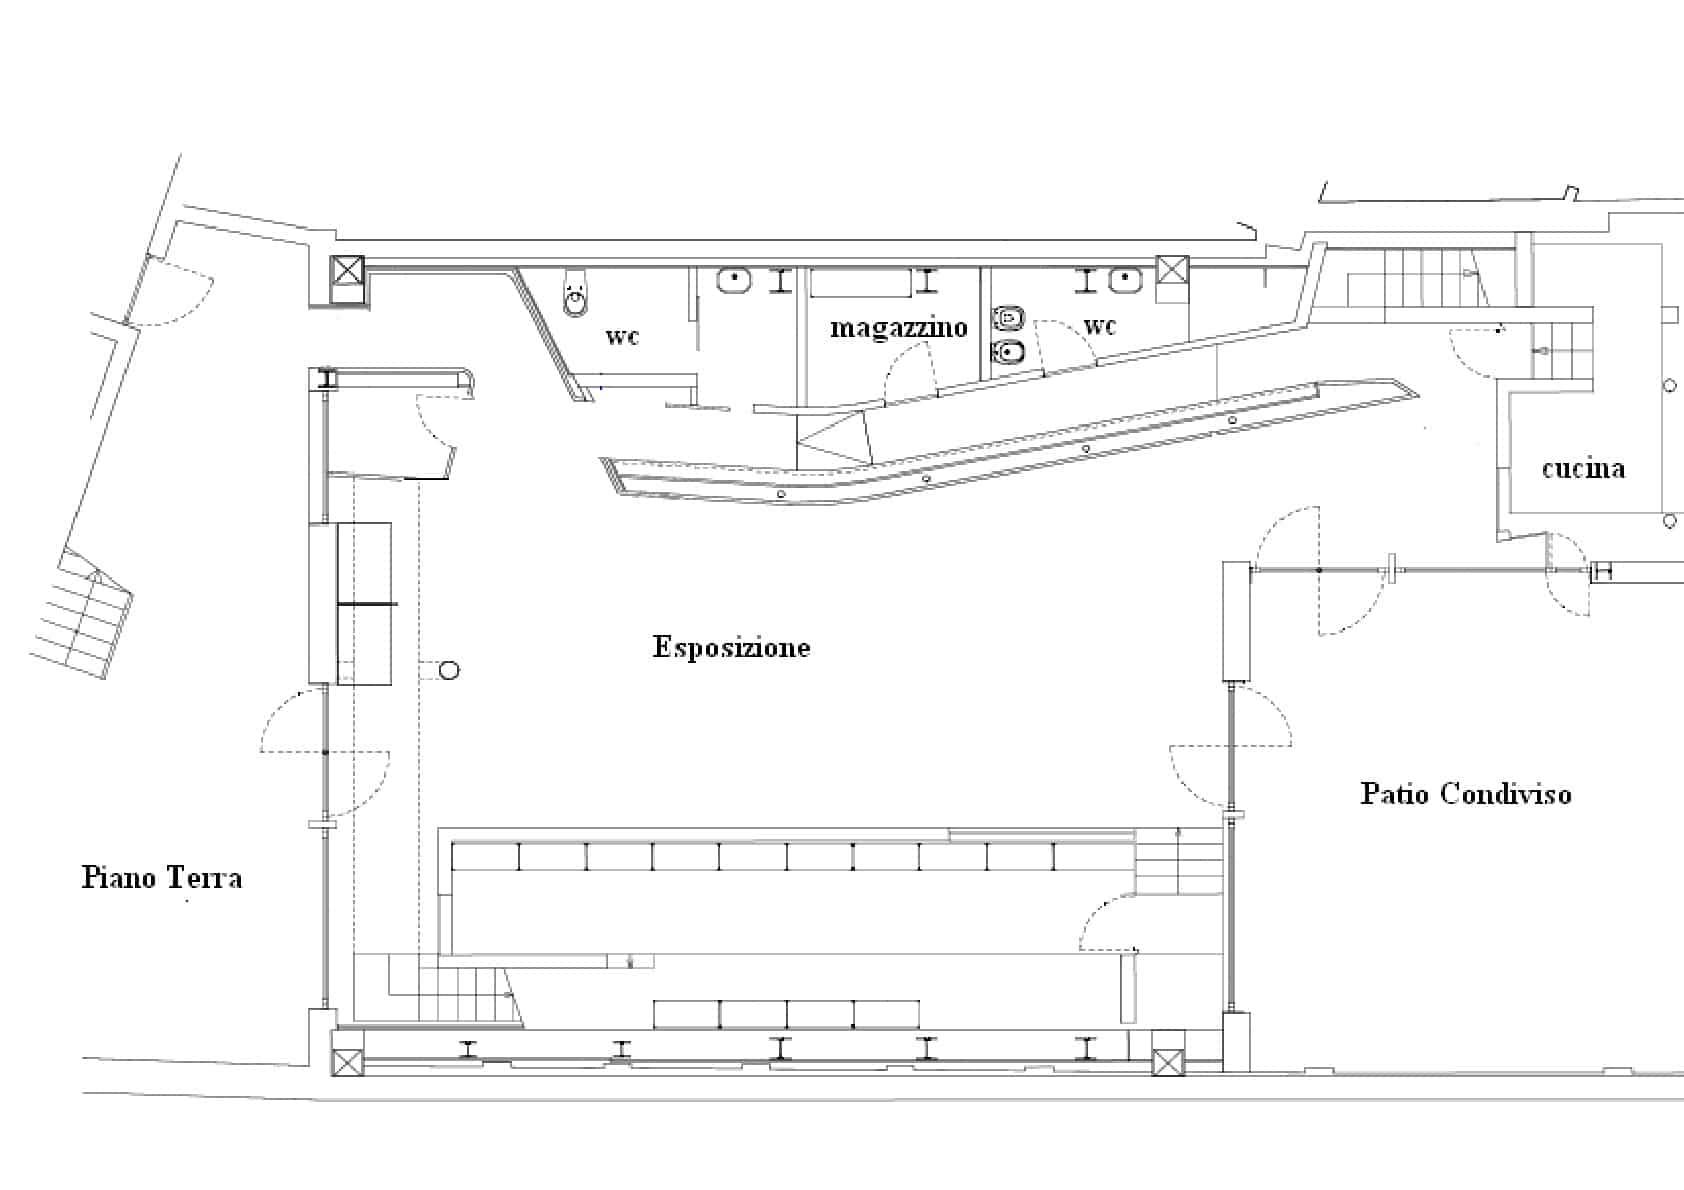 Bugatti piano terra-001